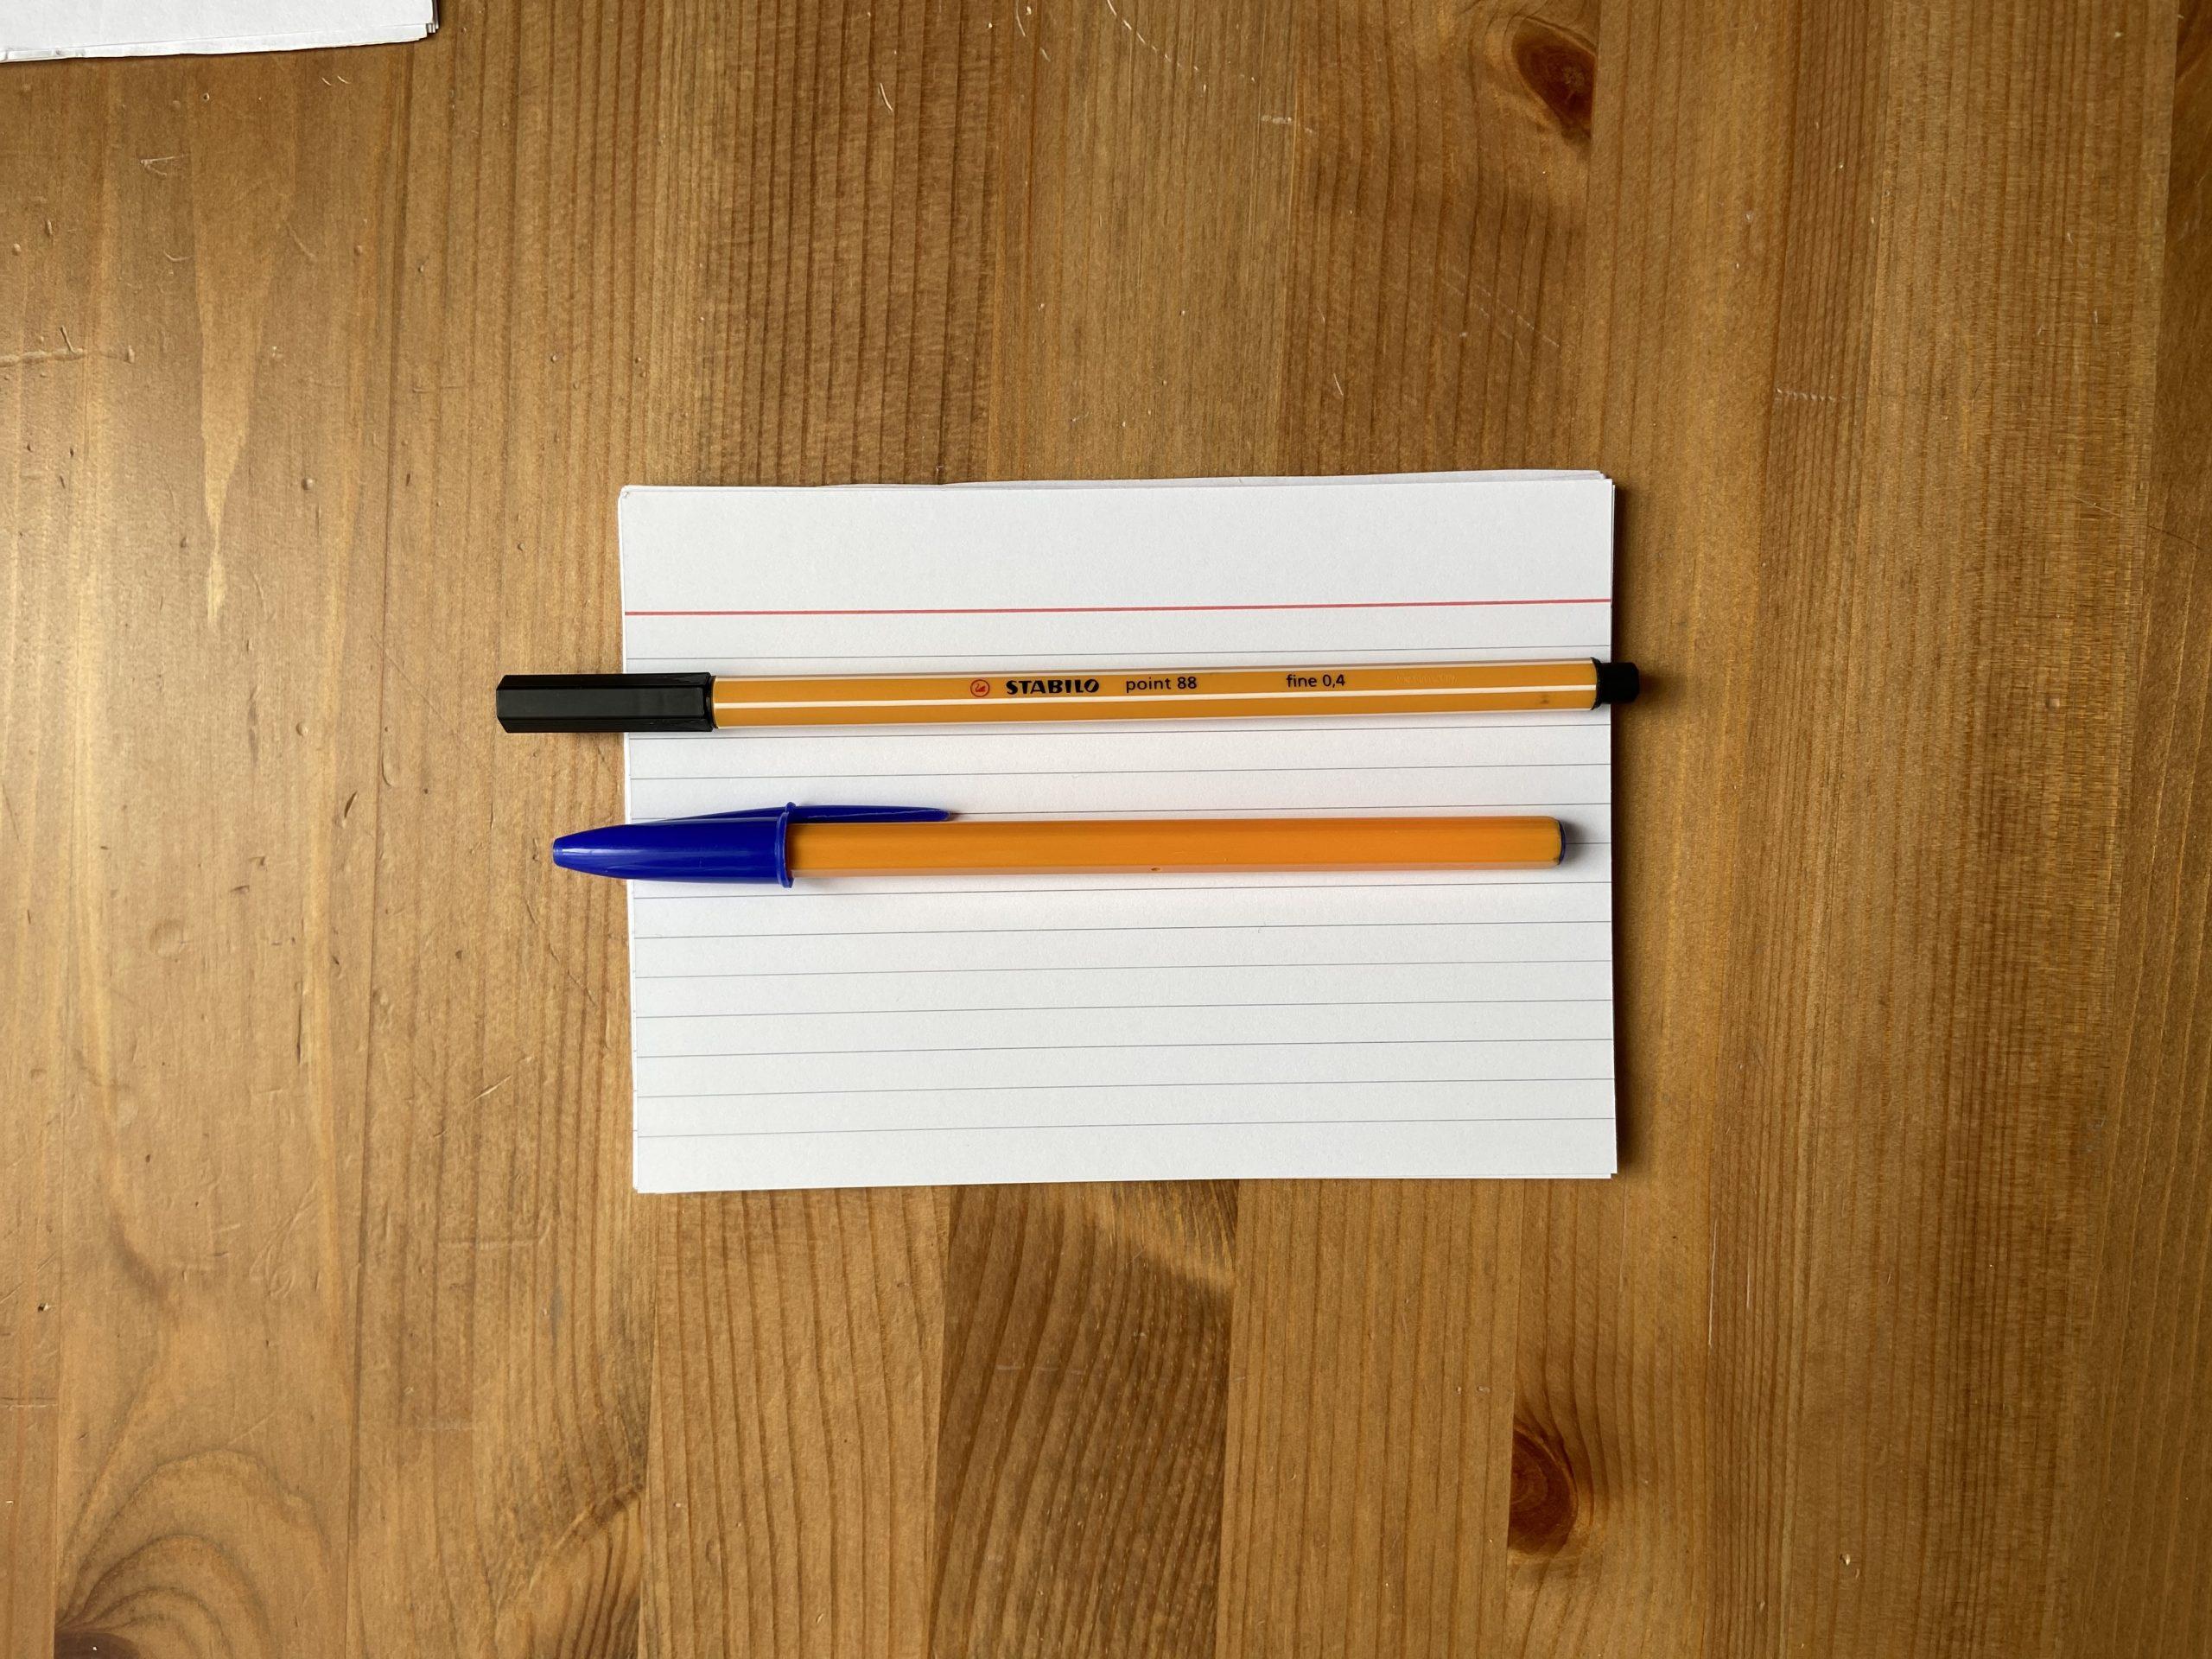 Линеры Stabilo — для картотеки, шариковые ручки BIC — для повседневных записей